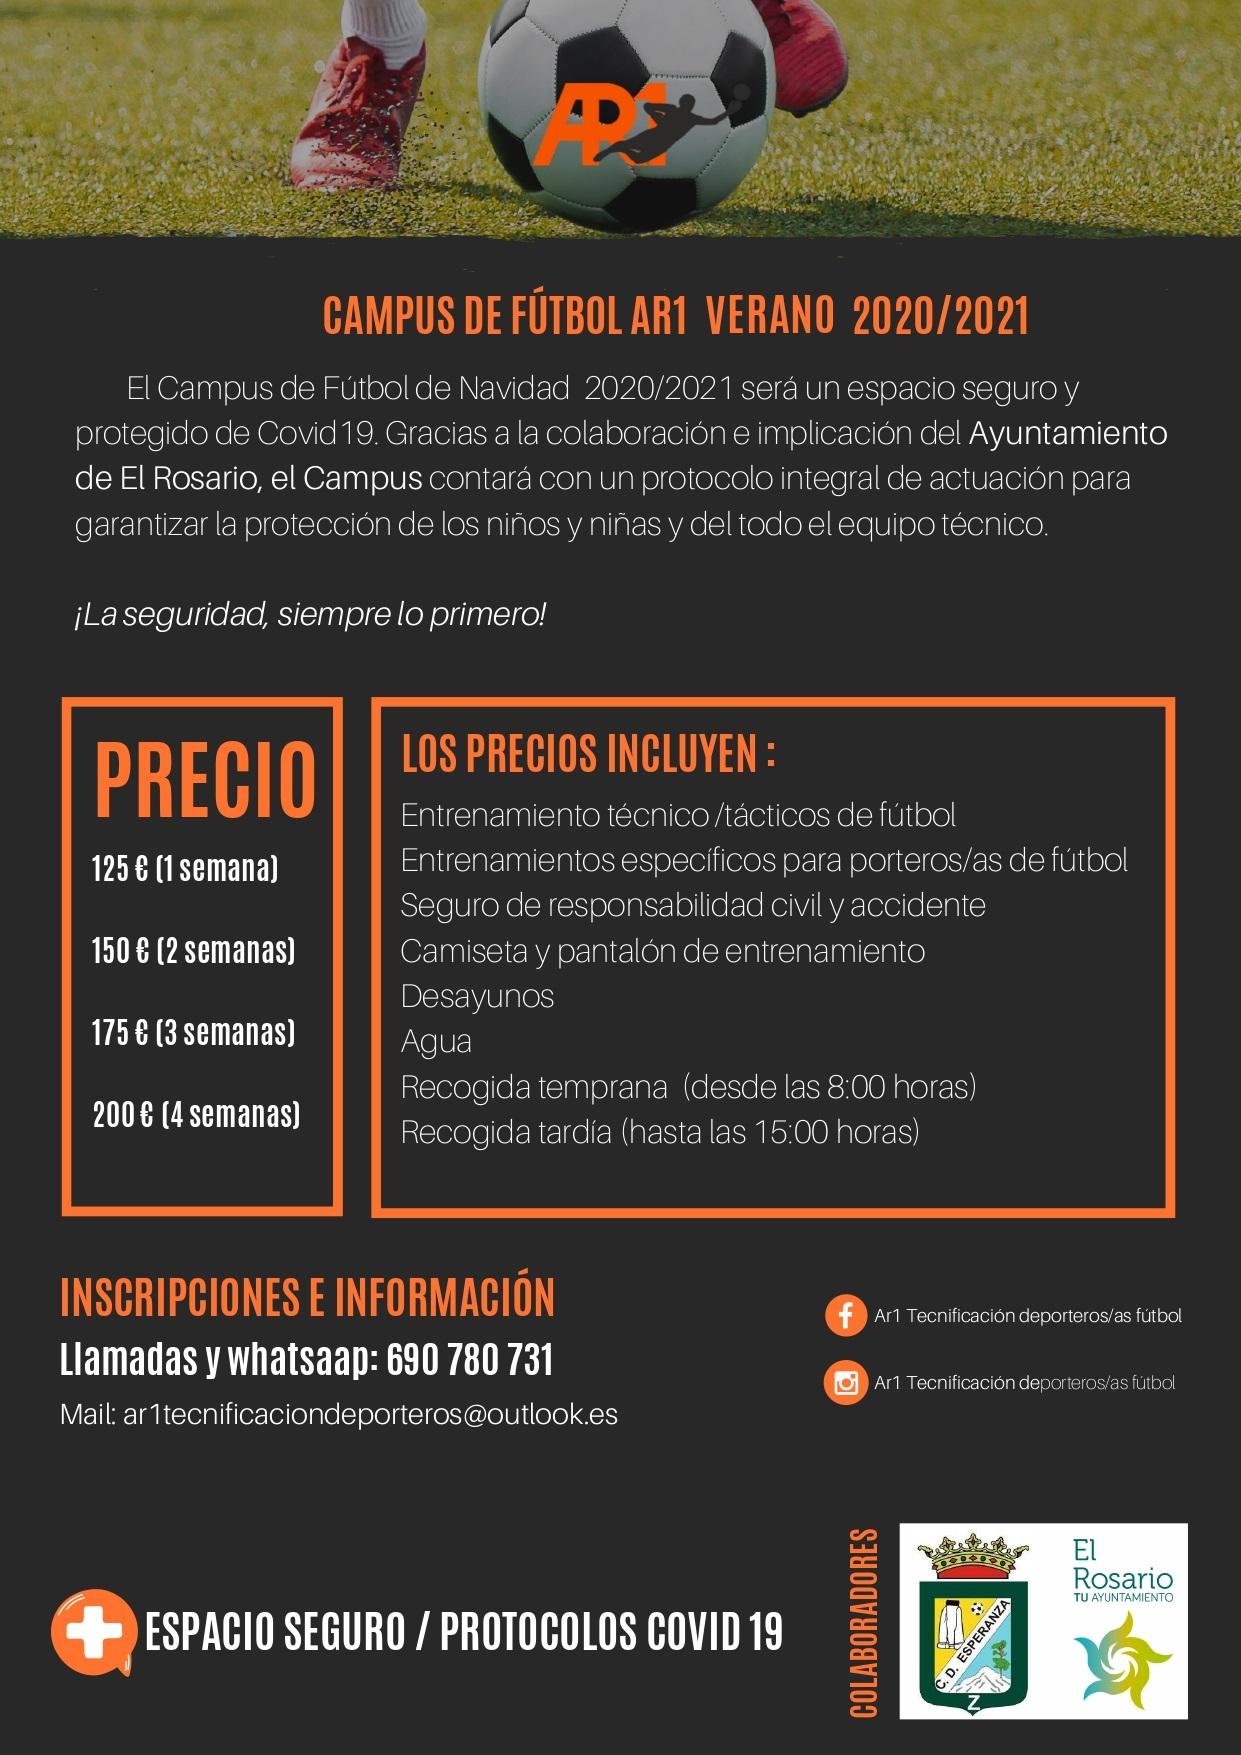 CAMPUS DE FUTBOL AR1 LA ESPERANZA (VERANO 2021)_page-0002